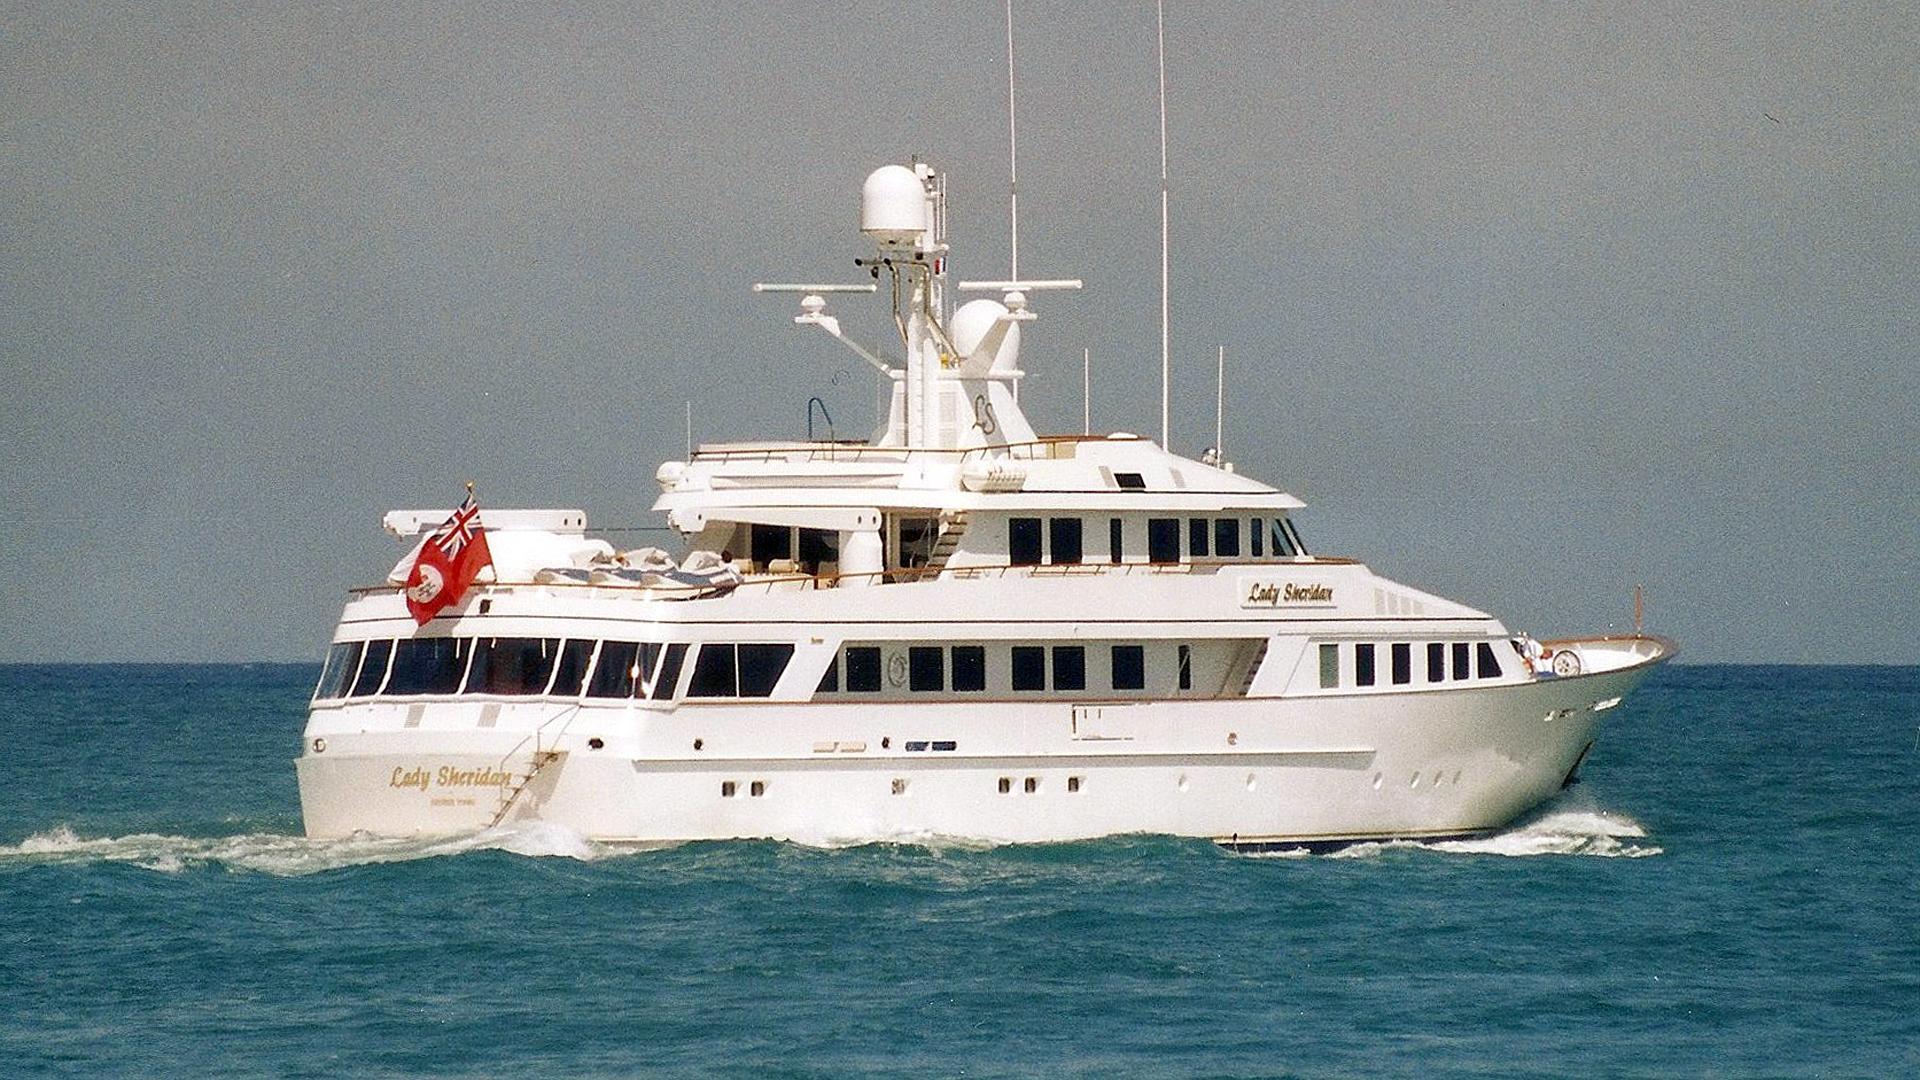 athina-ii-motor-yacht-feadship-1988-45m-cruising